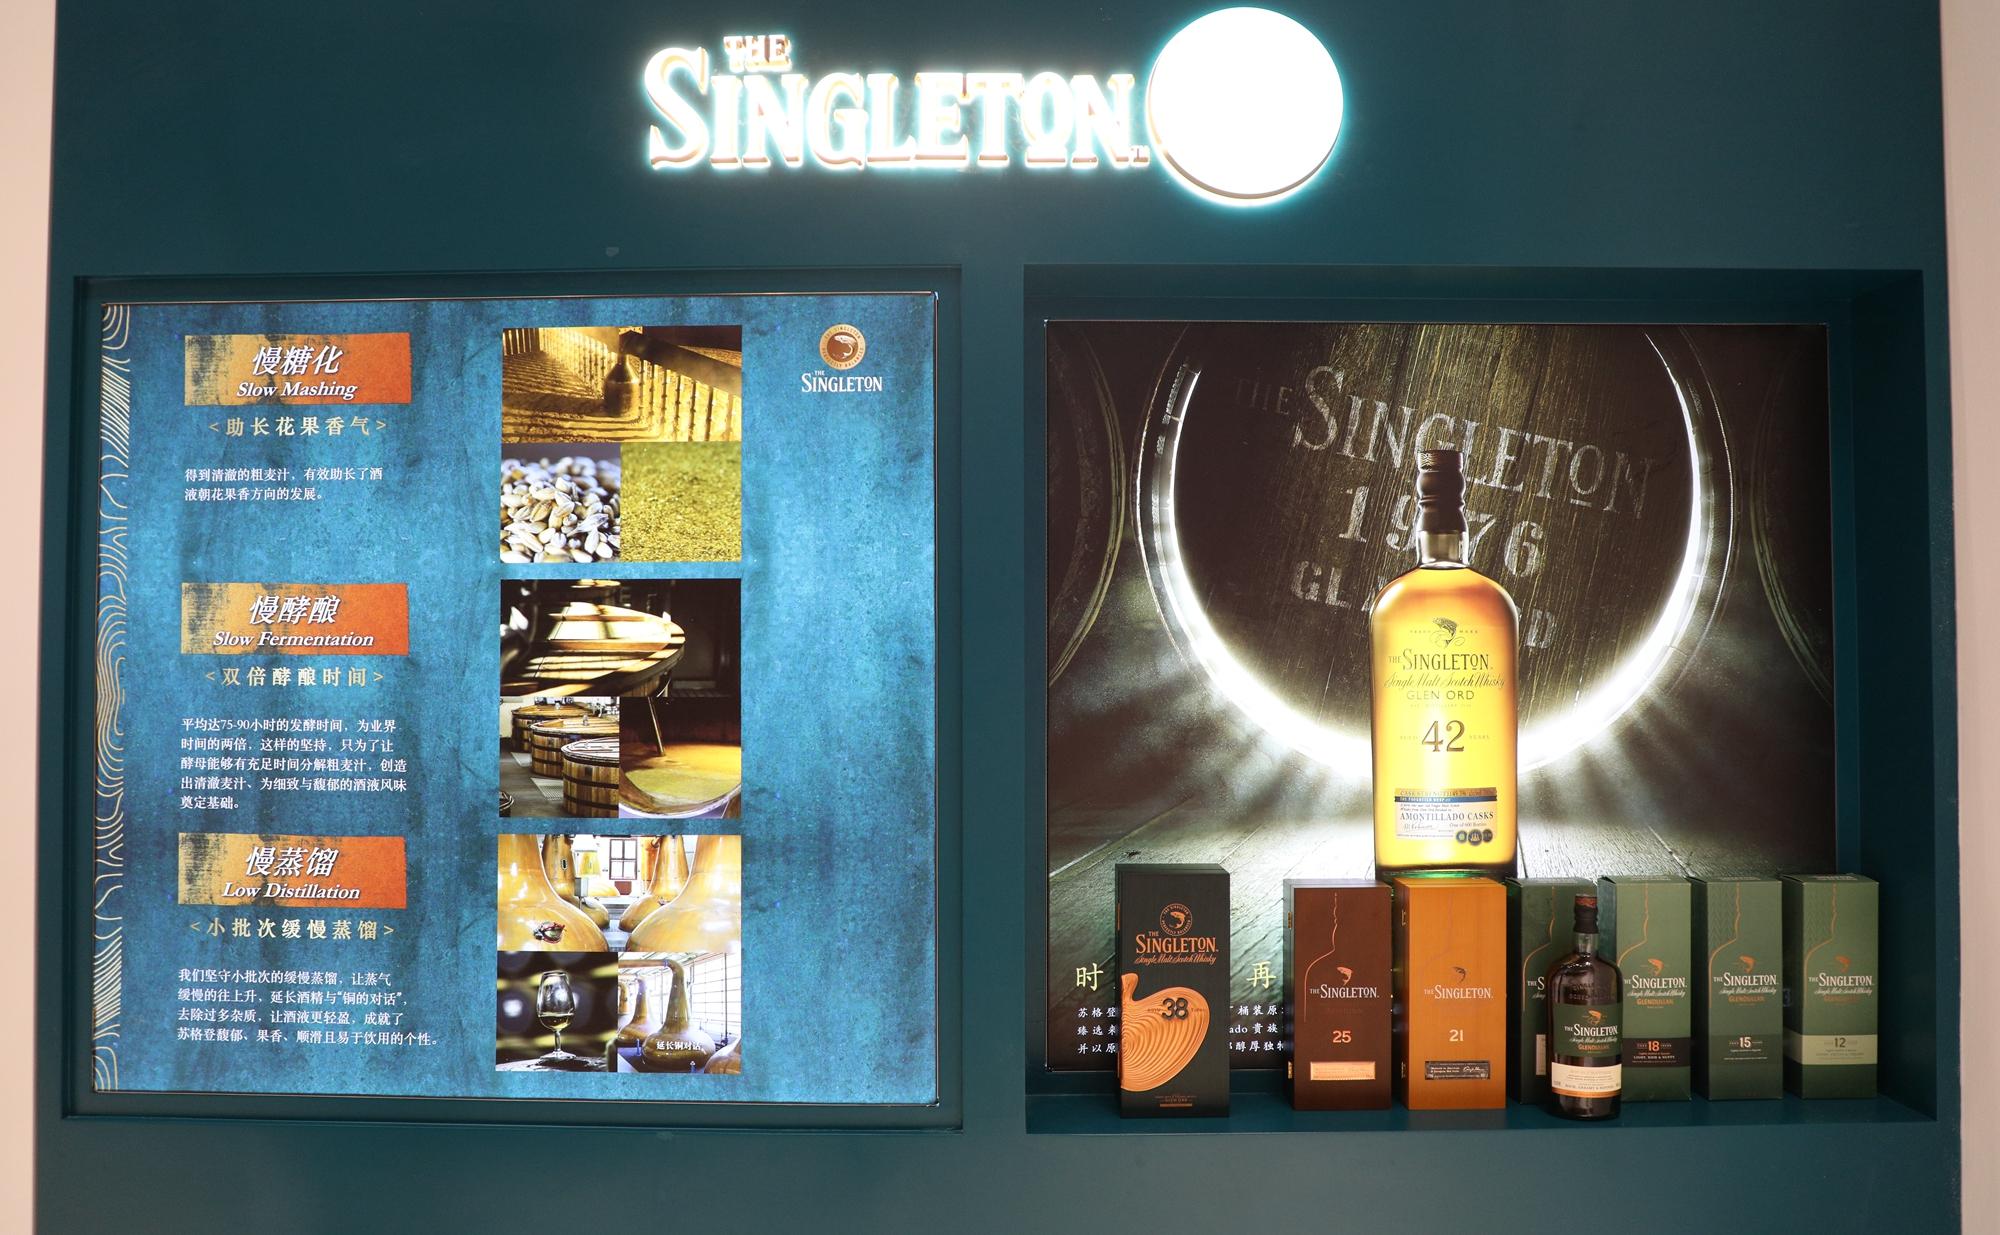 原创组图   帝亚吉欧旗下的烈酒产品系列亮相消博会